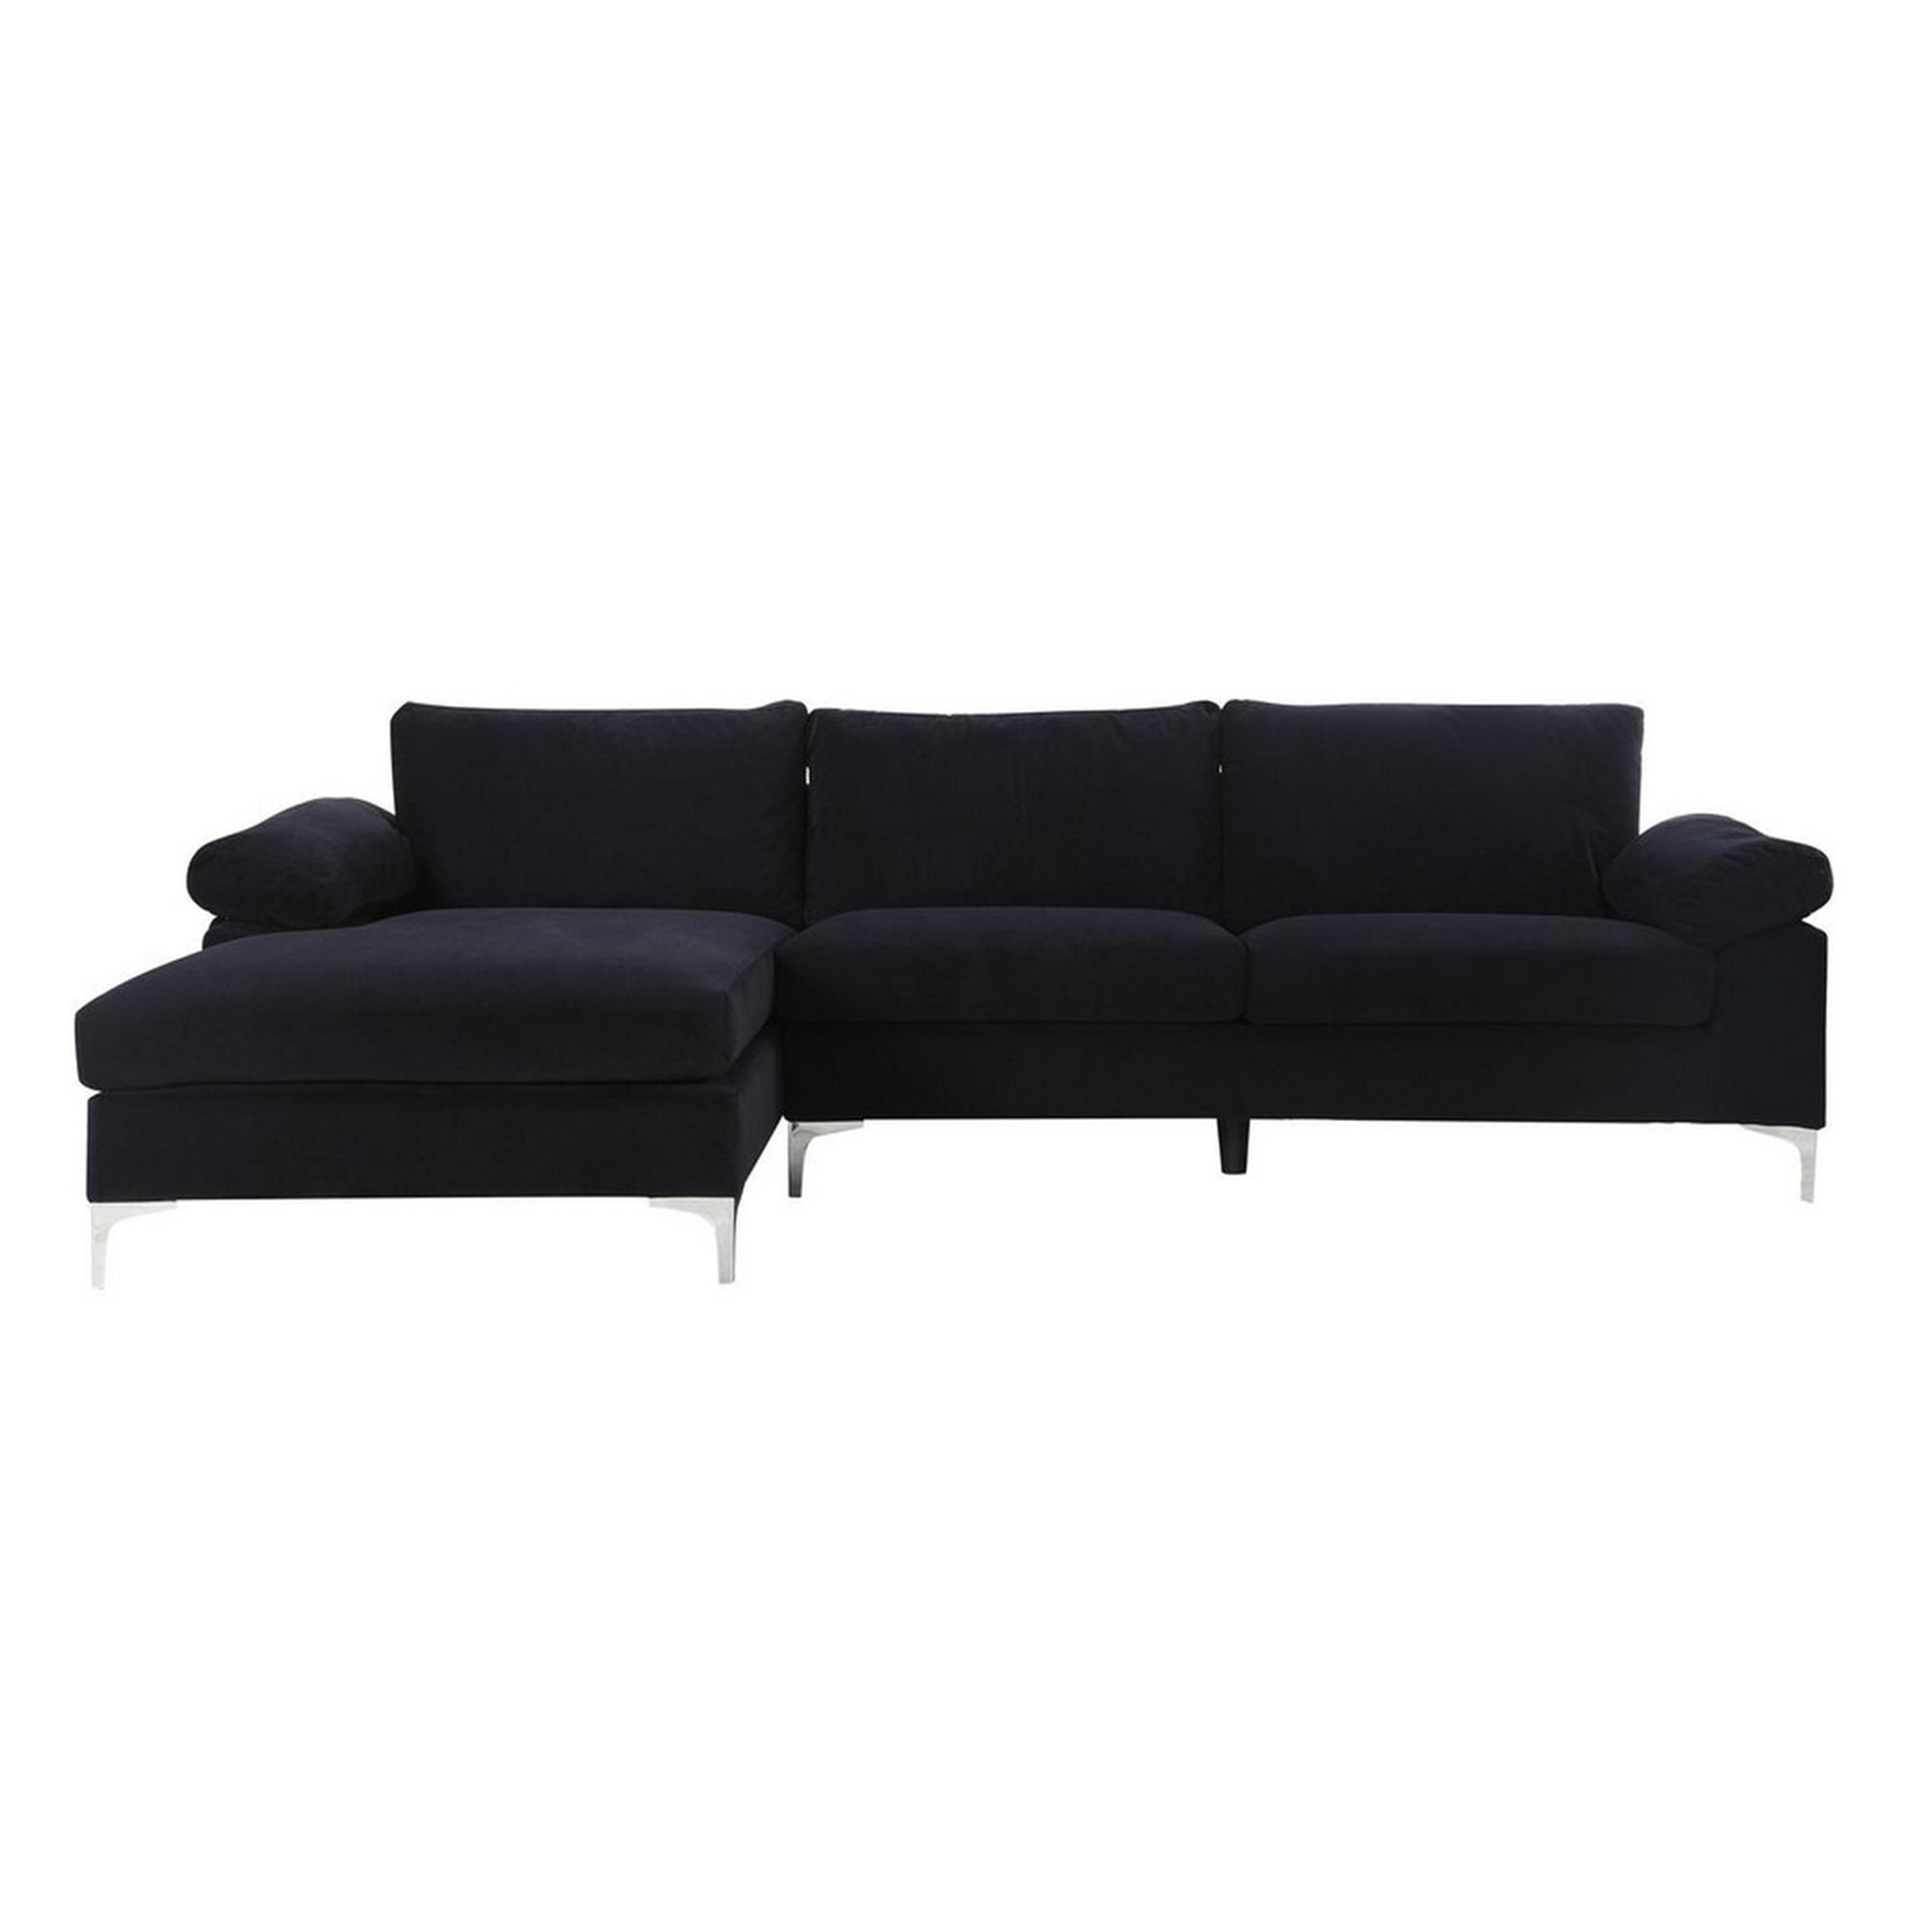 Canapé d'angle 5 places tissu velours noir